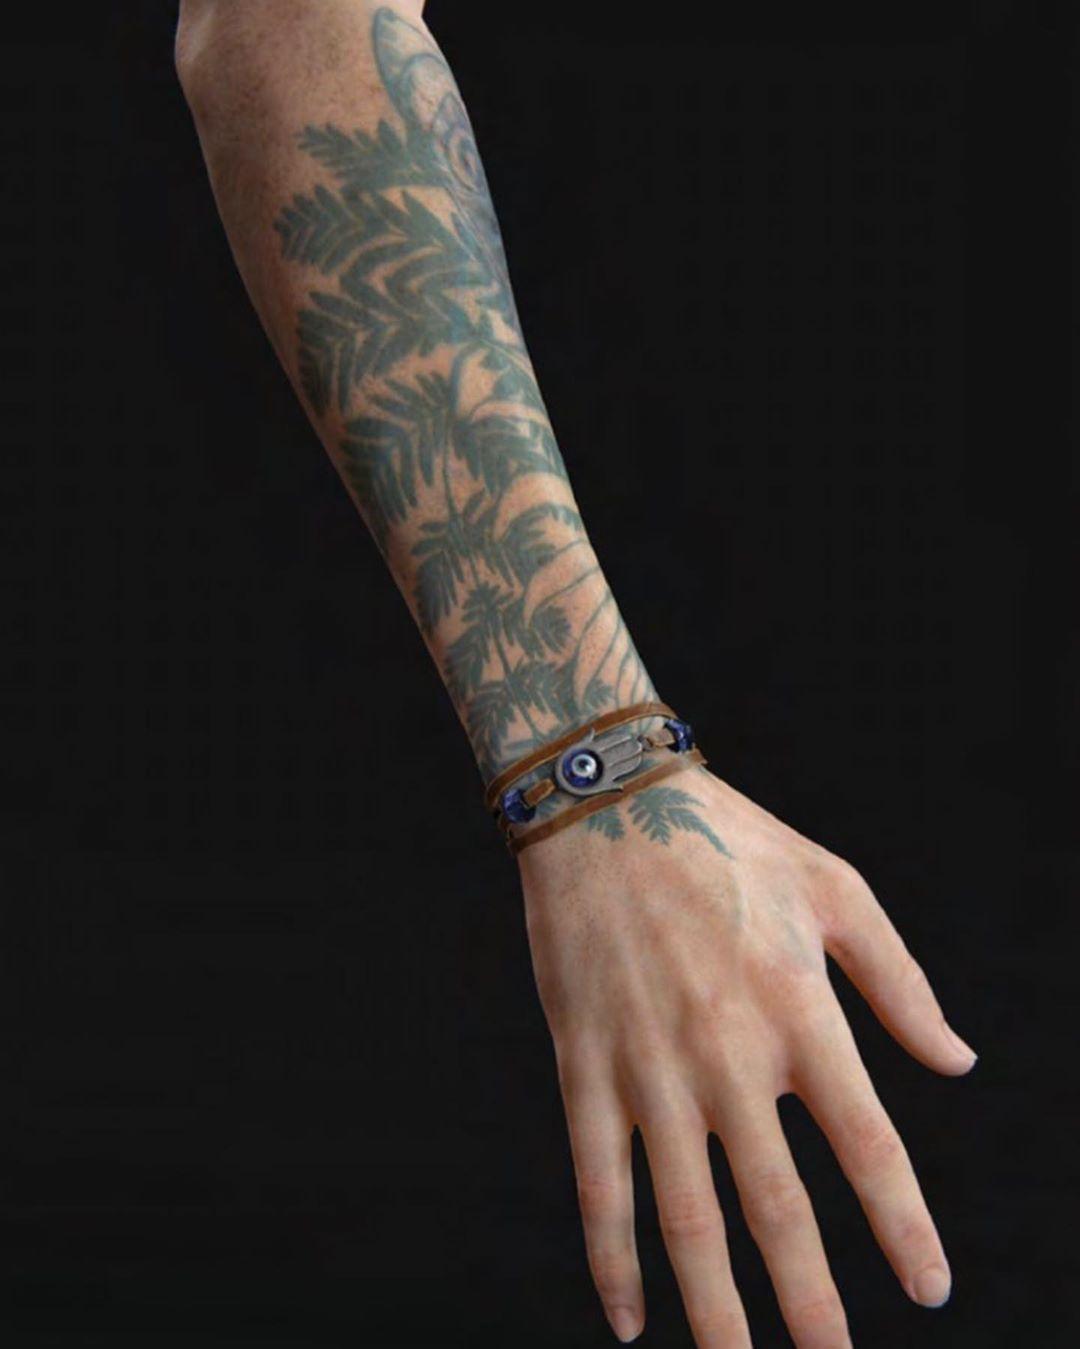 Pin De William Barlow Em Tlou2 Em 2020 Tatuagens Aleatorias Tatuagem Tatuagem De Jogos